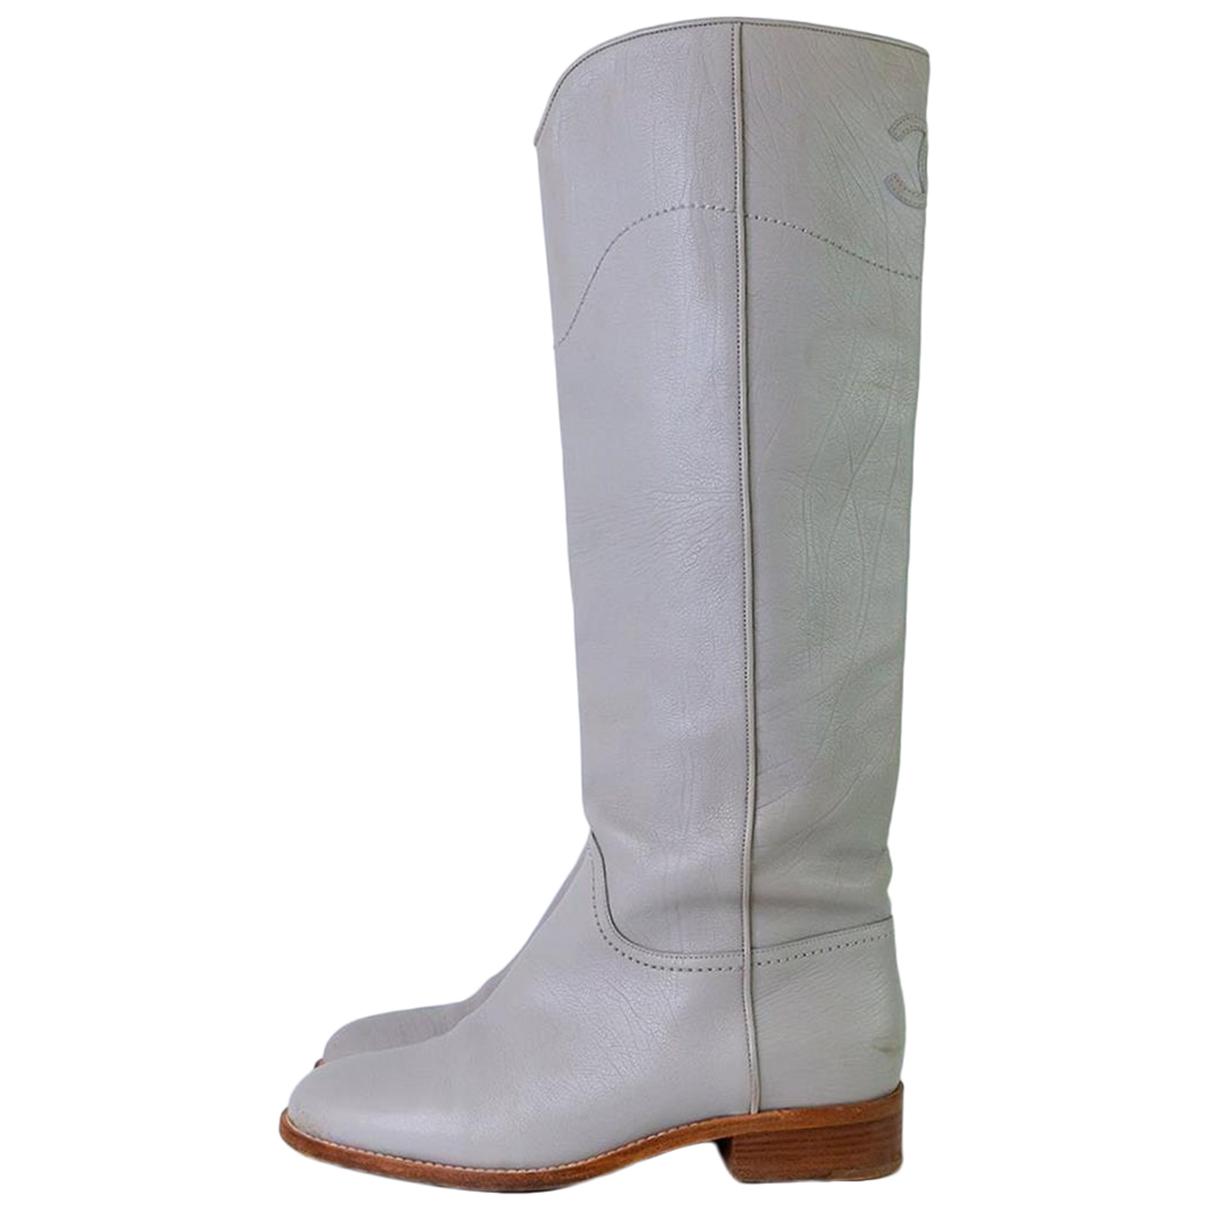 Chanel \N Stiefel in  Grau Leder